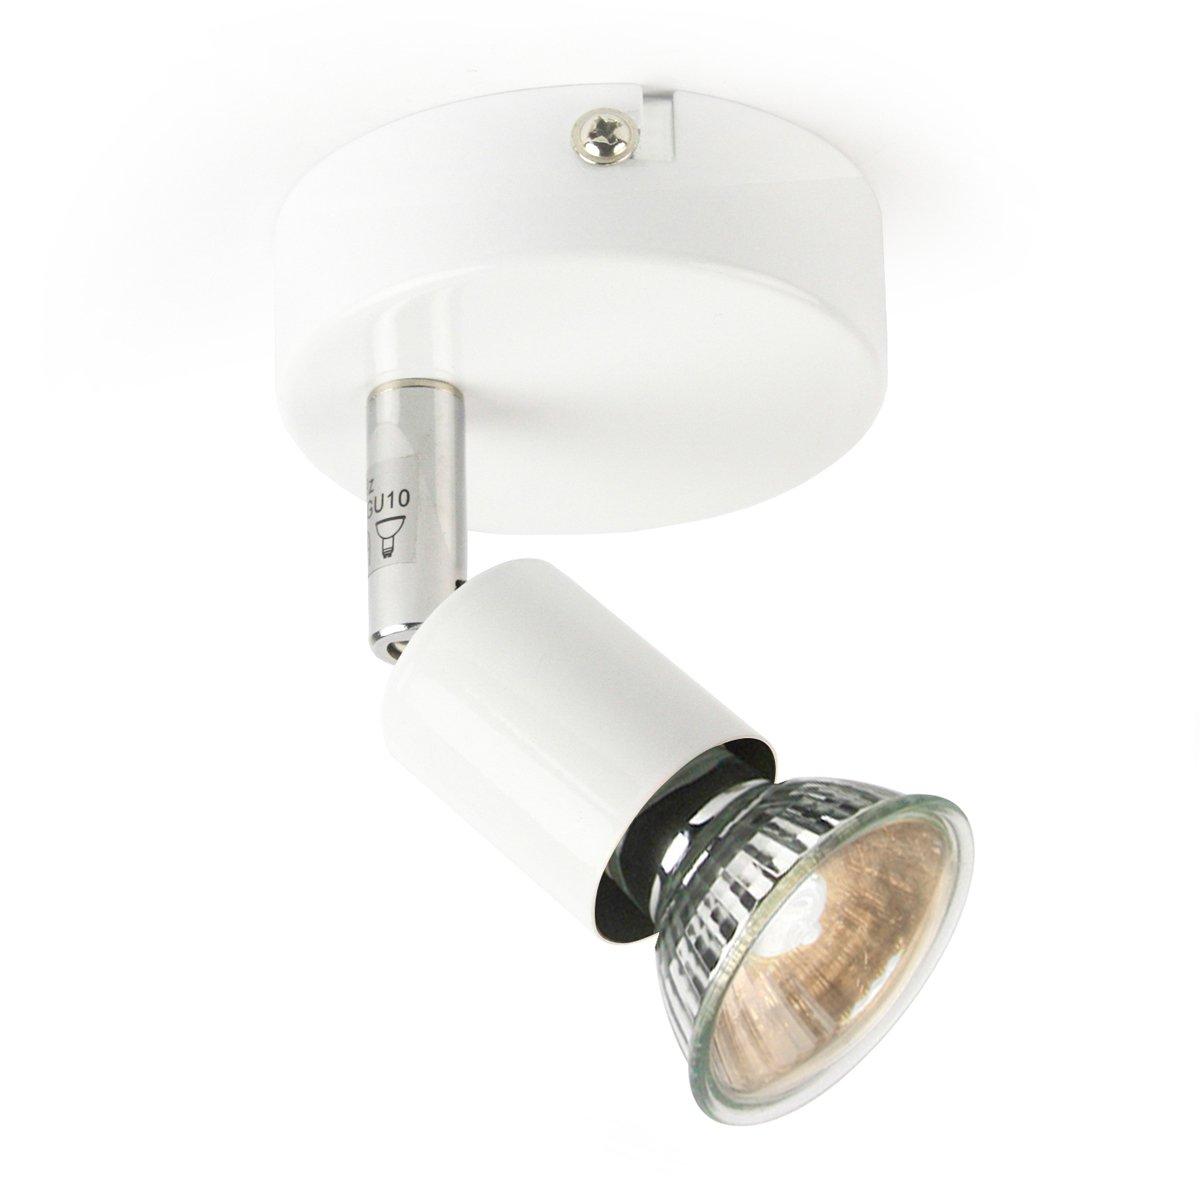 Moderna parete Spot 1luci bianco metallo–compreso 1X GU10Lampadina Girevole e neighbar in tutte le direzioni direttamente luce soggiorno camera da letto sala Base Line